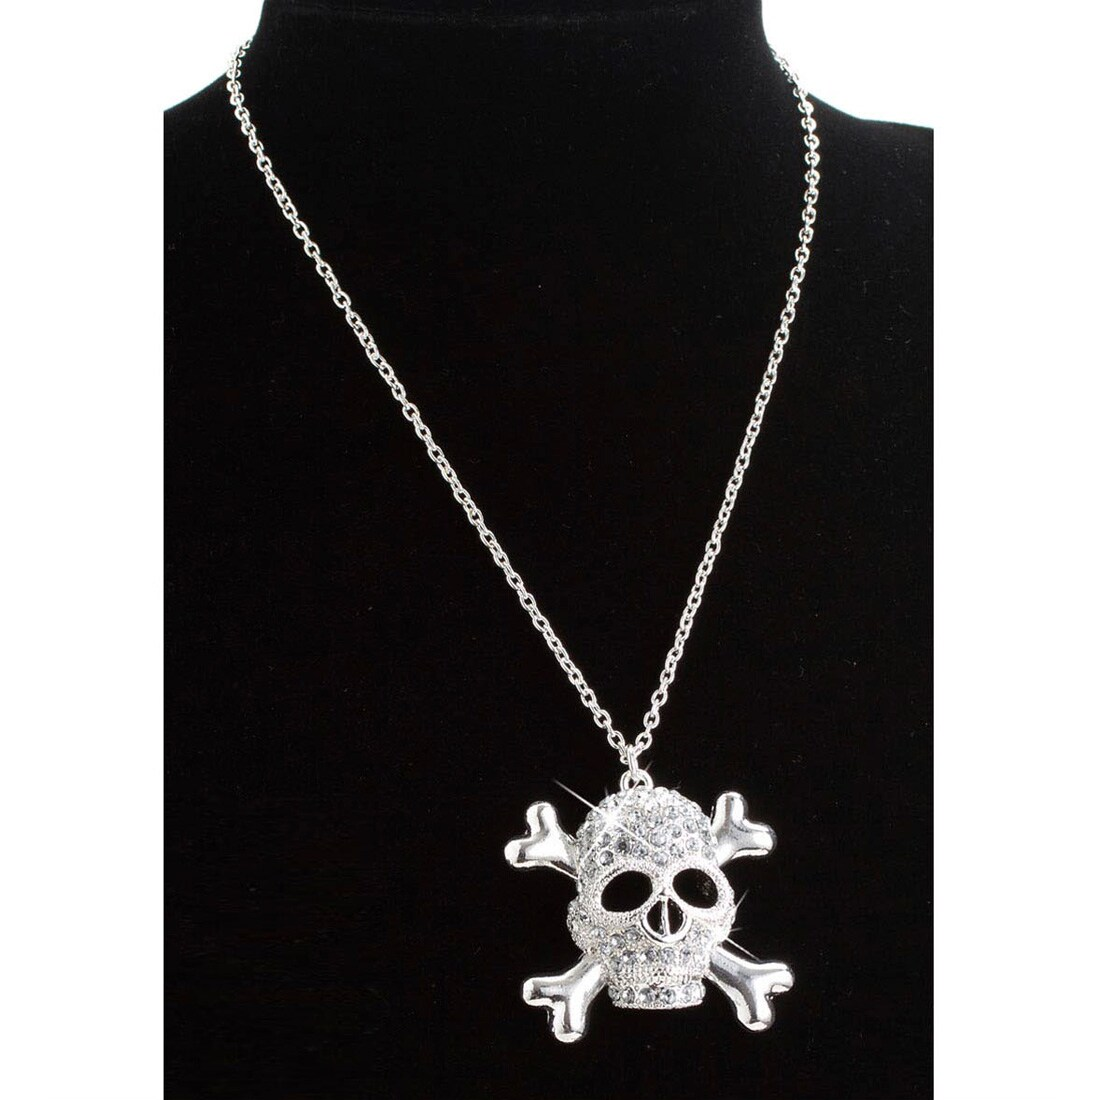 Jannes Piraten-Kette Gold mit Totenkopf